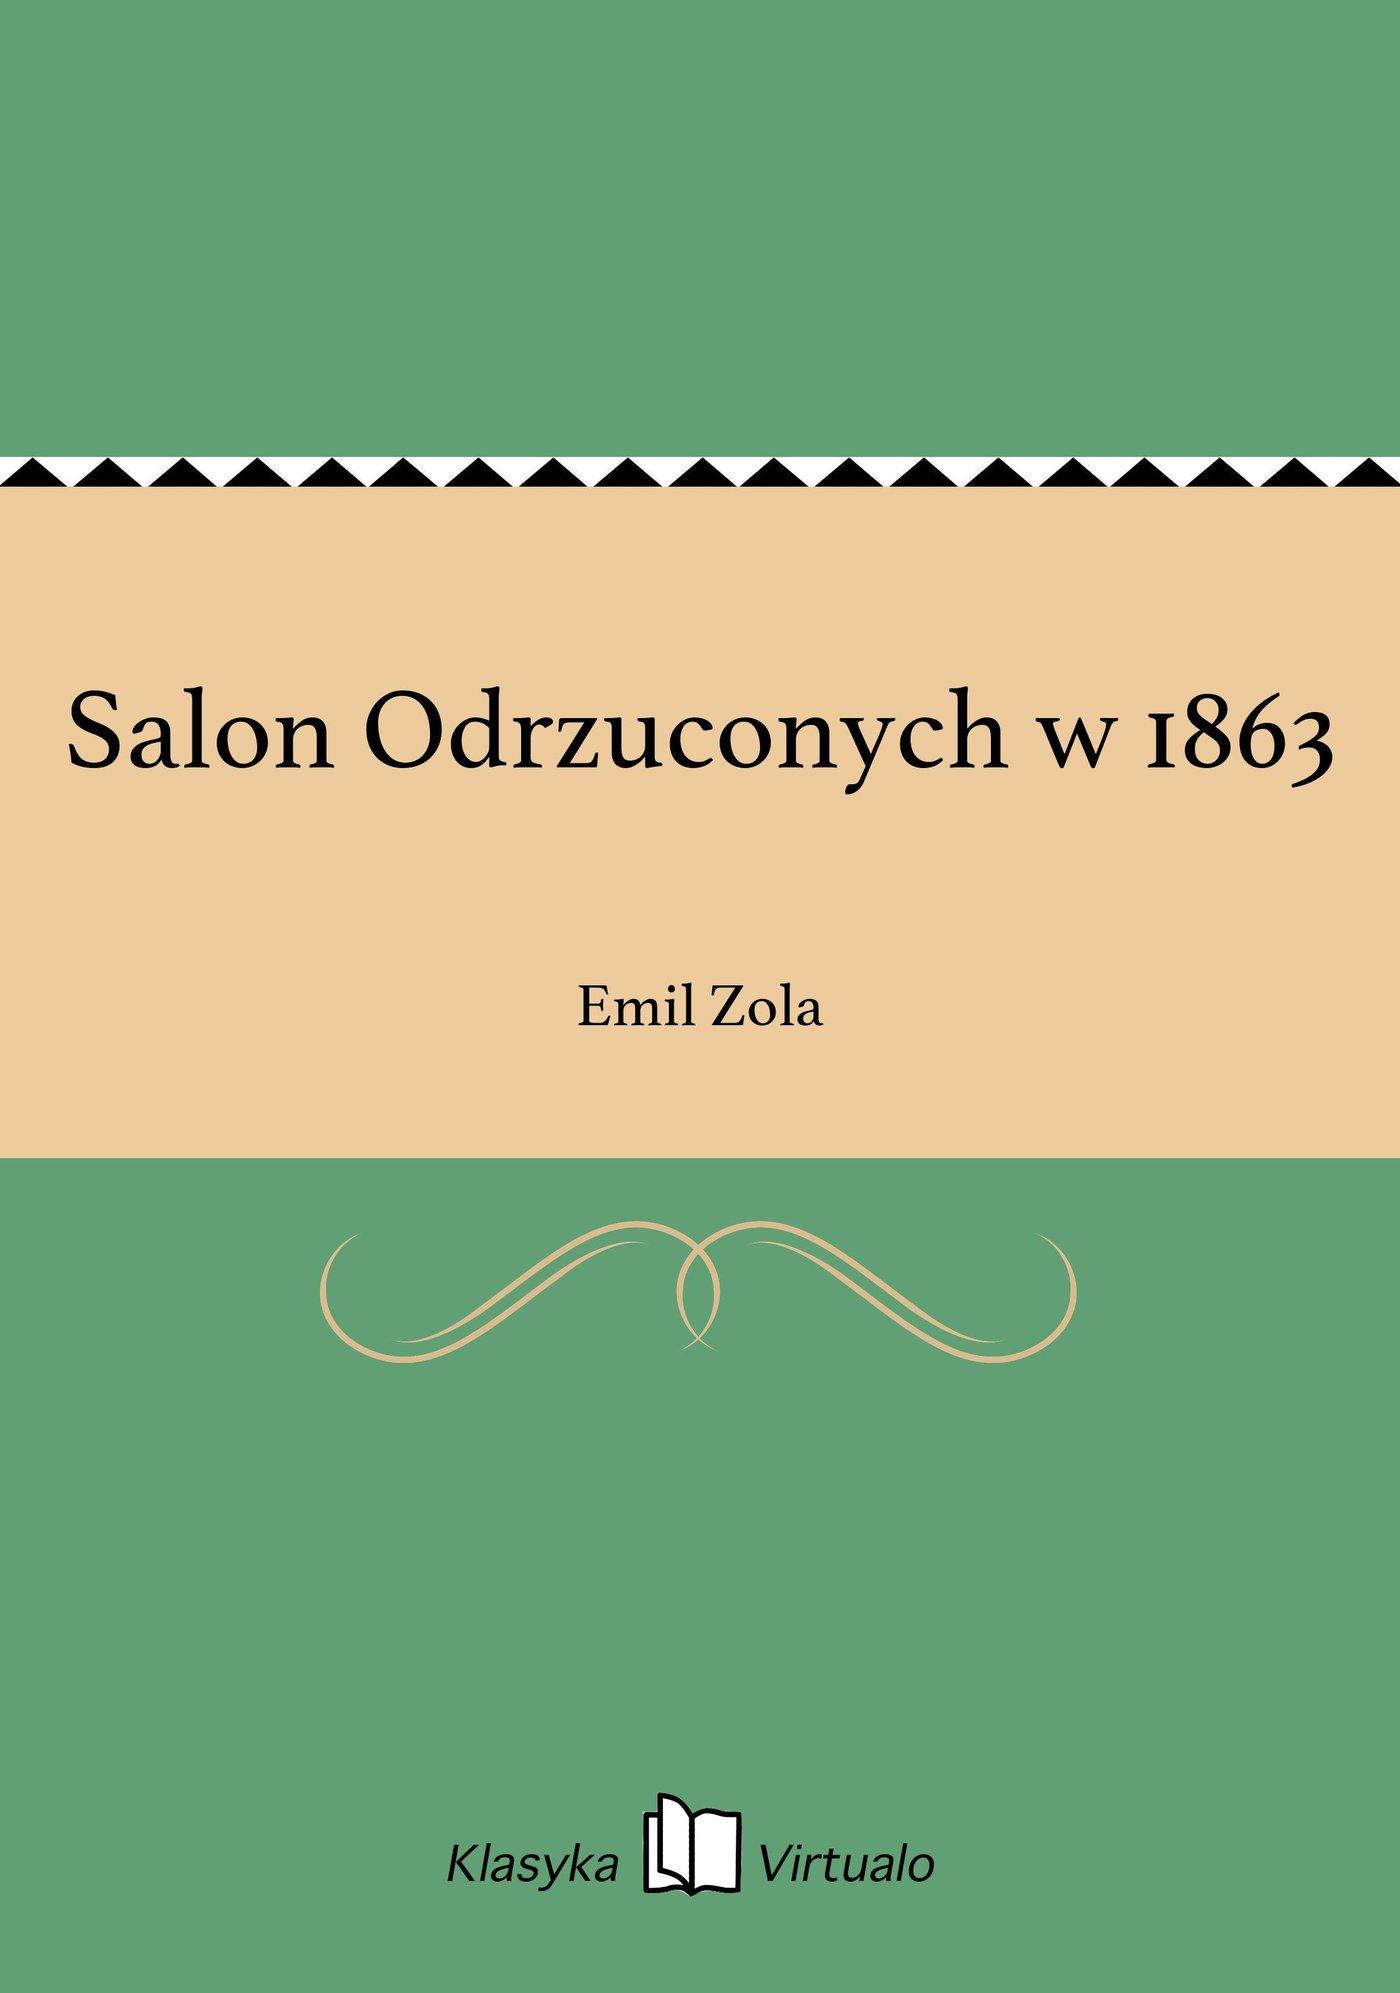 Salon Odrzuconych w 1863 - Ebook (Książka EPUB) do pobrania w formacie EPUB